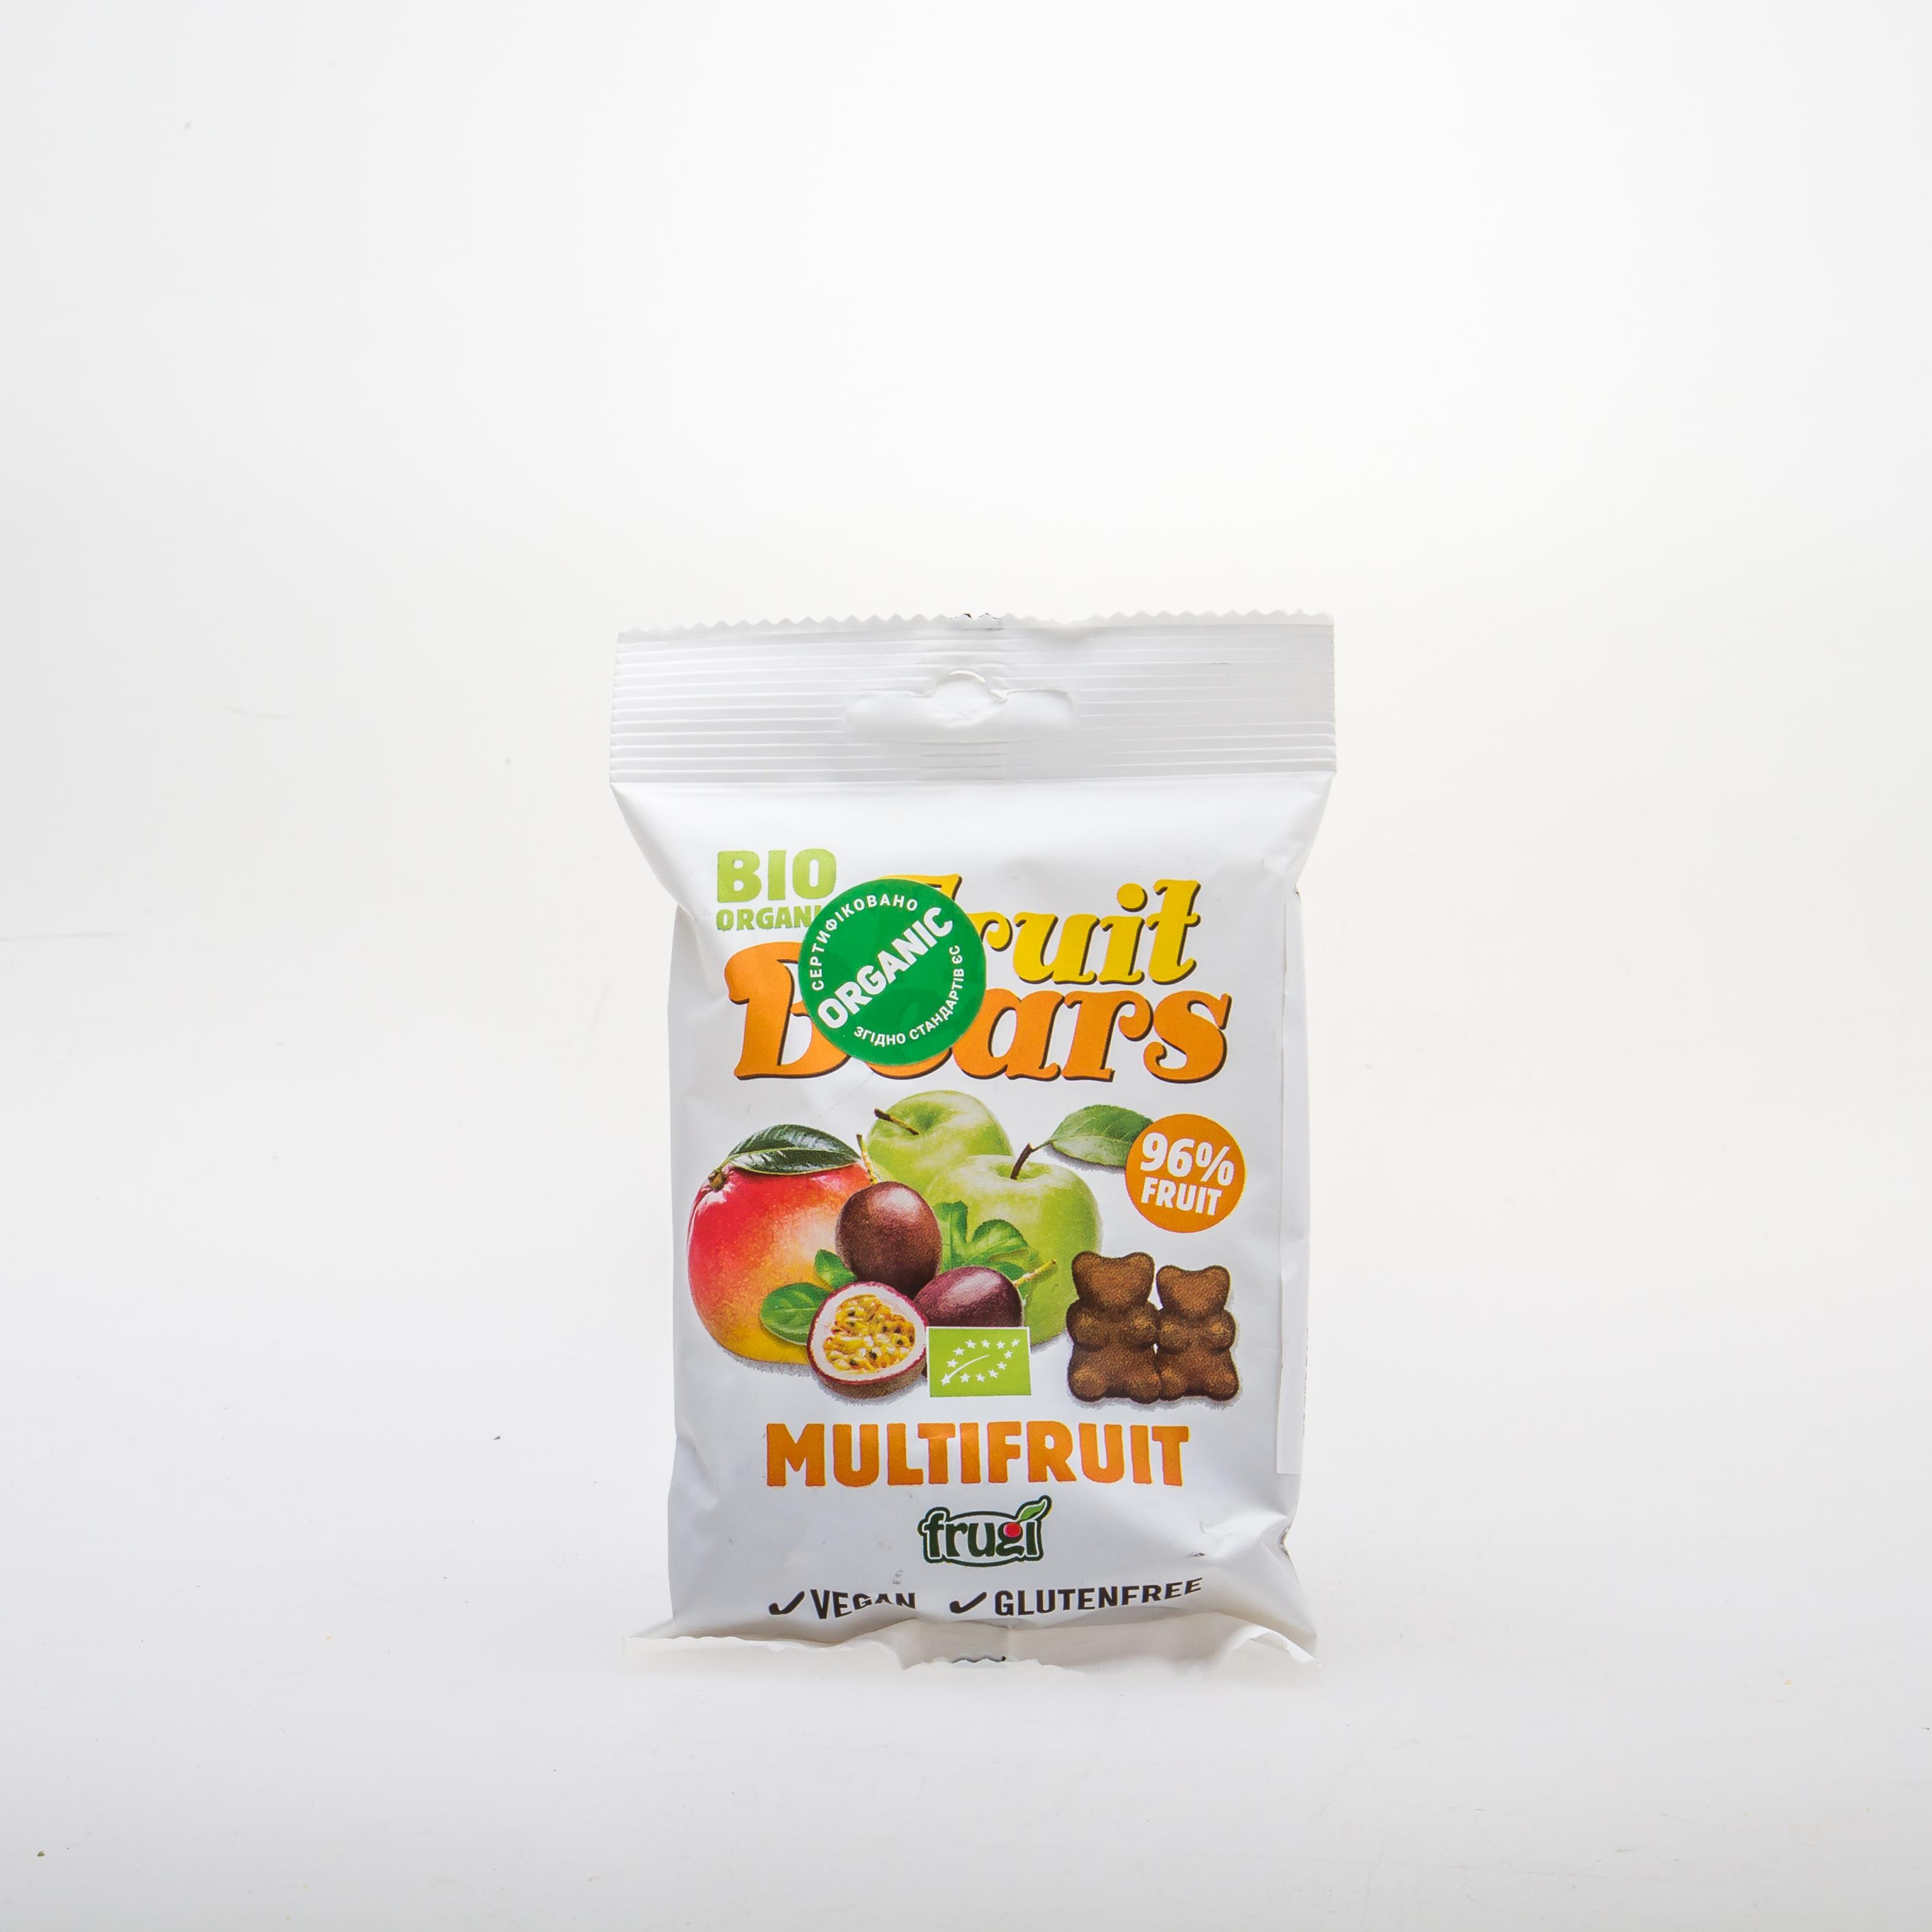 Органічні фруктові ведмежуйки зі смаком яблука, манго та маракуї - купить в интернет-магазине Юнимед